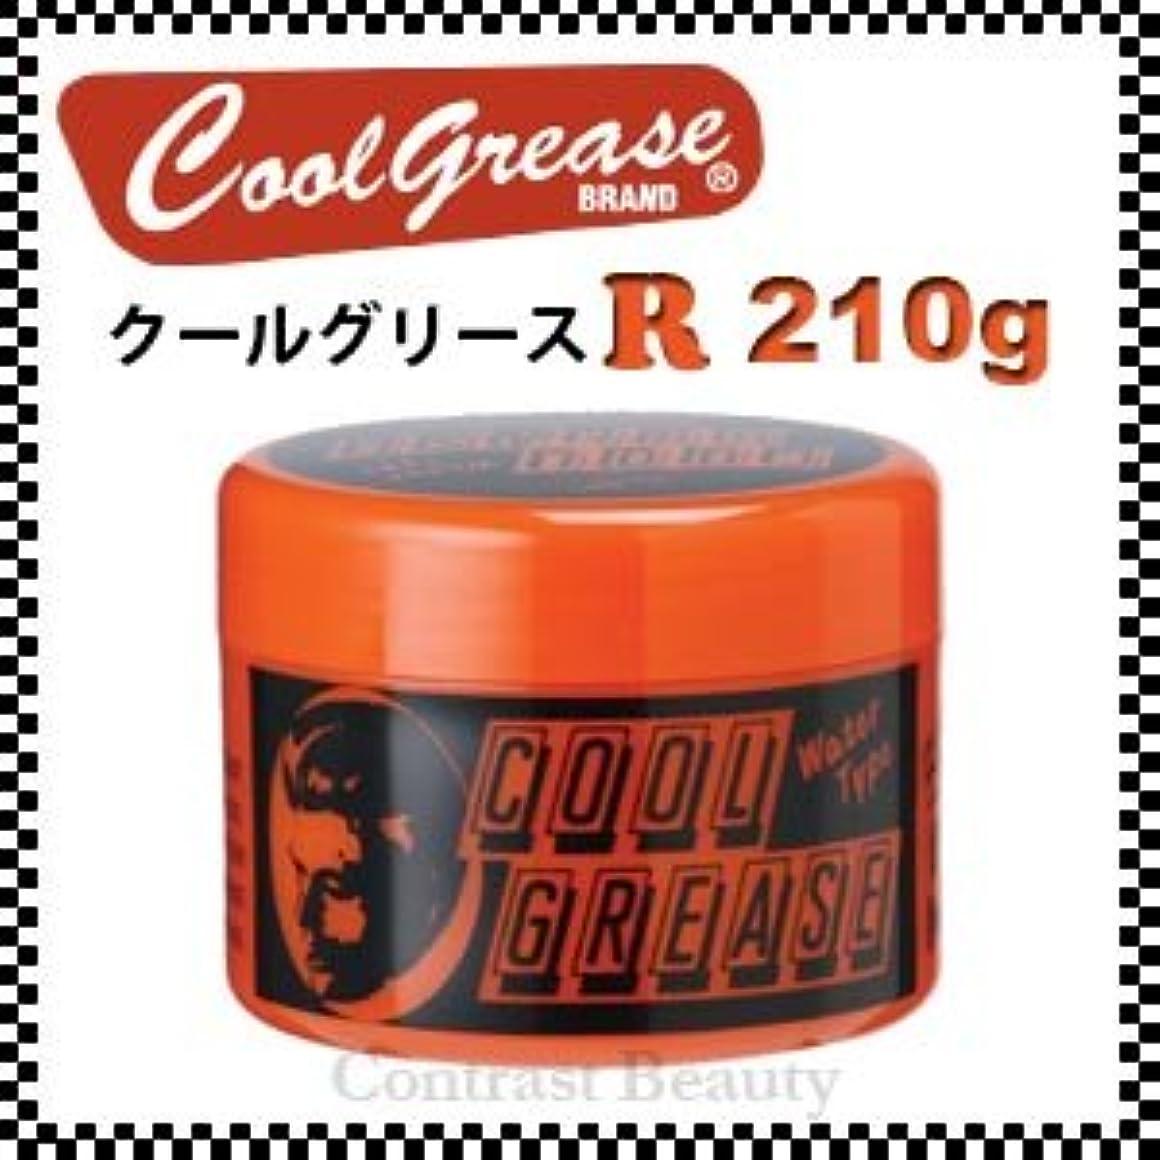 正午精度以降【X3個セット】 阪本高生堂 クールグリース R 210g